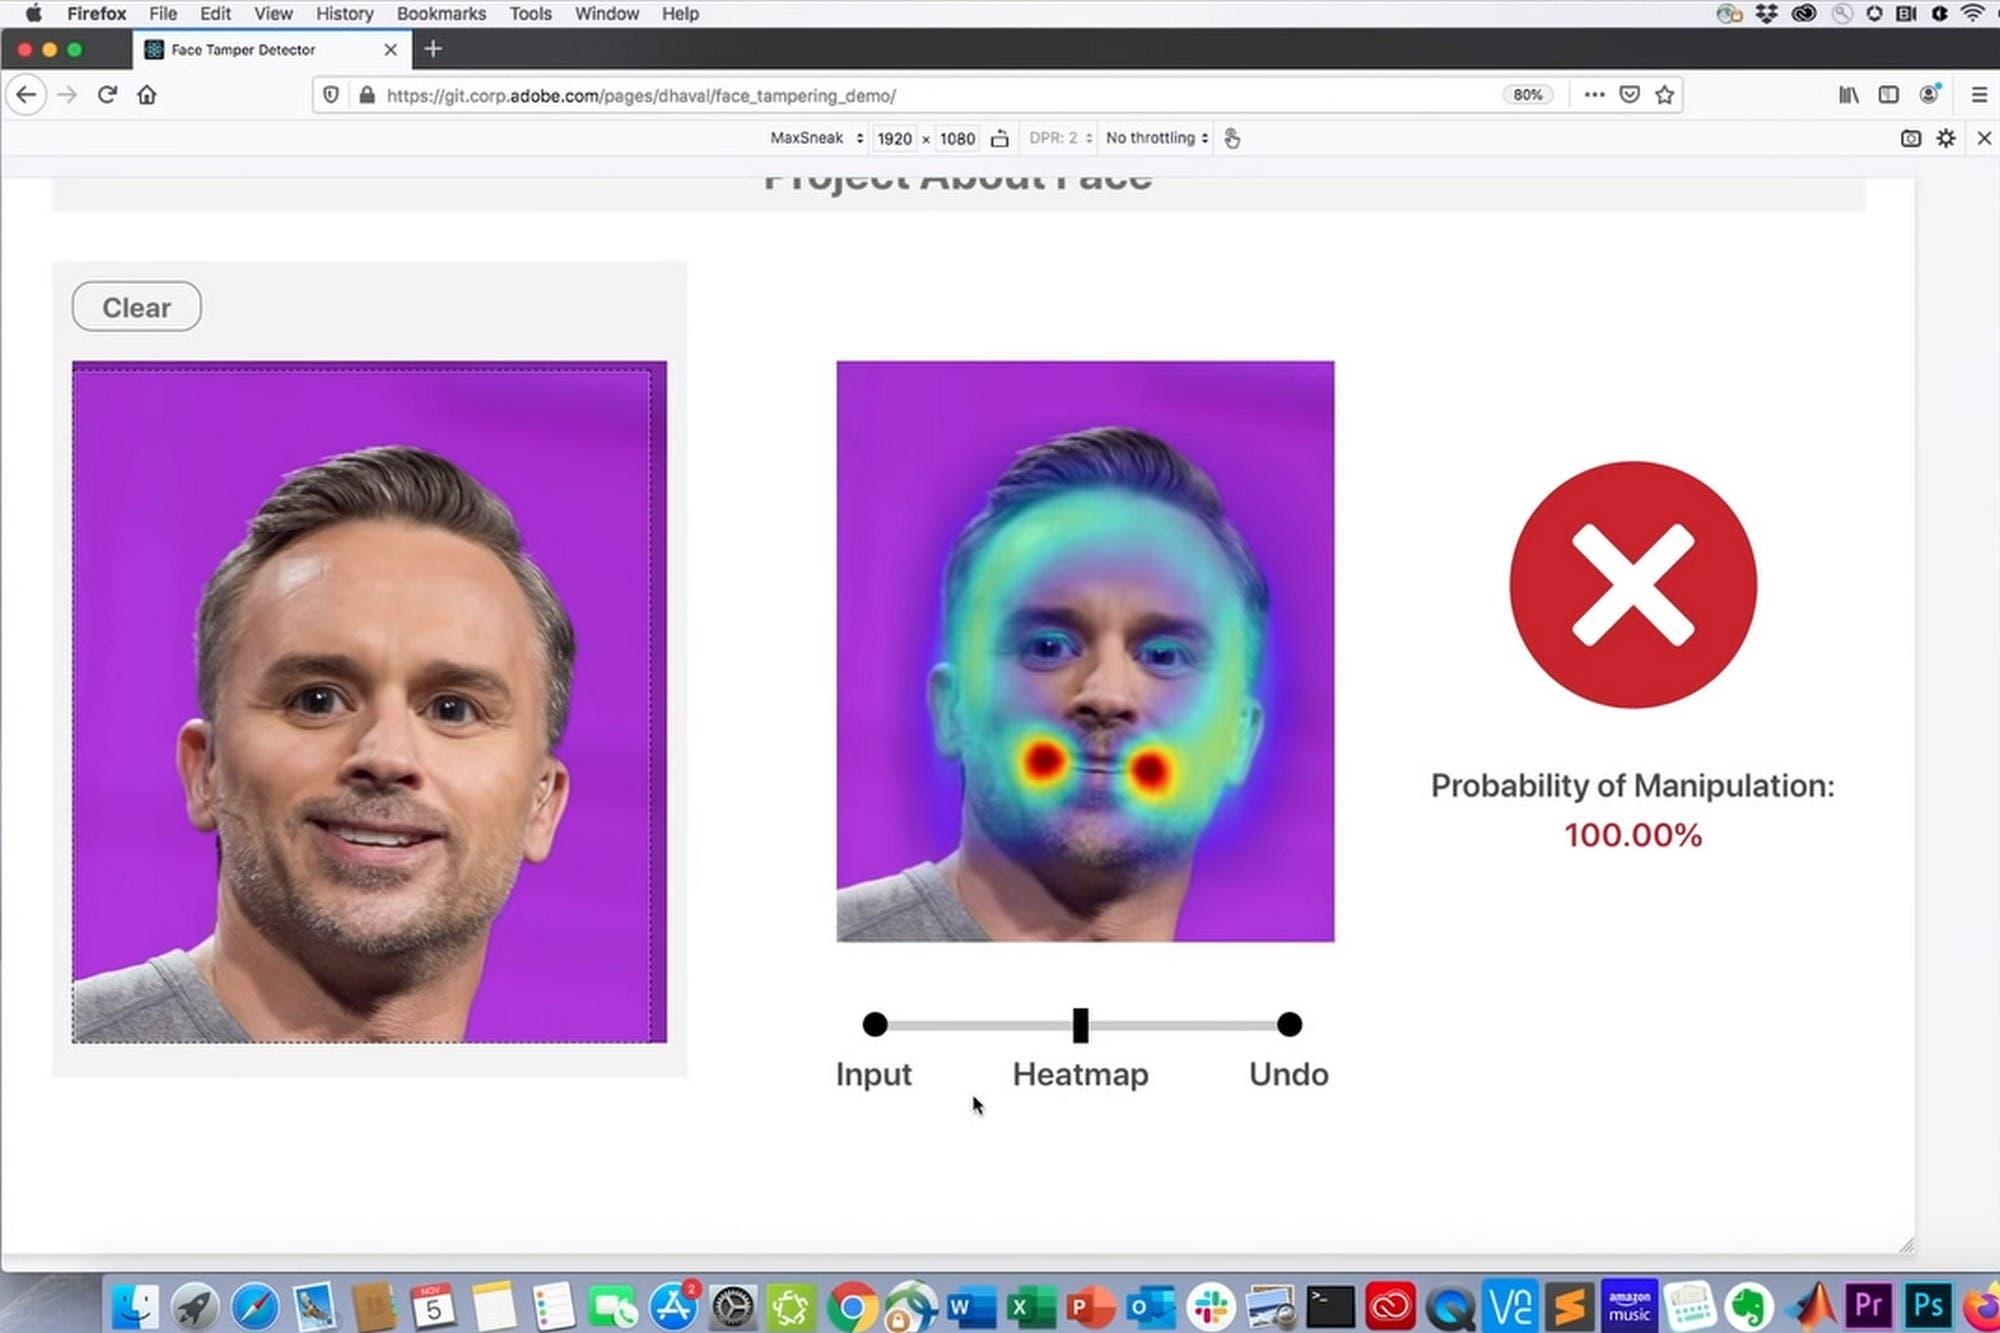 Detector de retoques: Adobe presentó una herramienta que mide el nivel de photoshopeo y edición de una foto